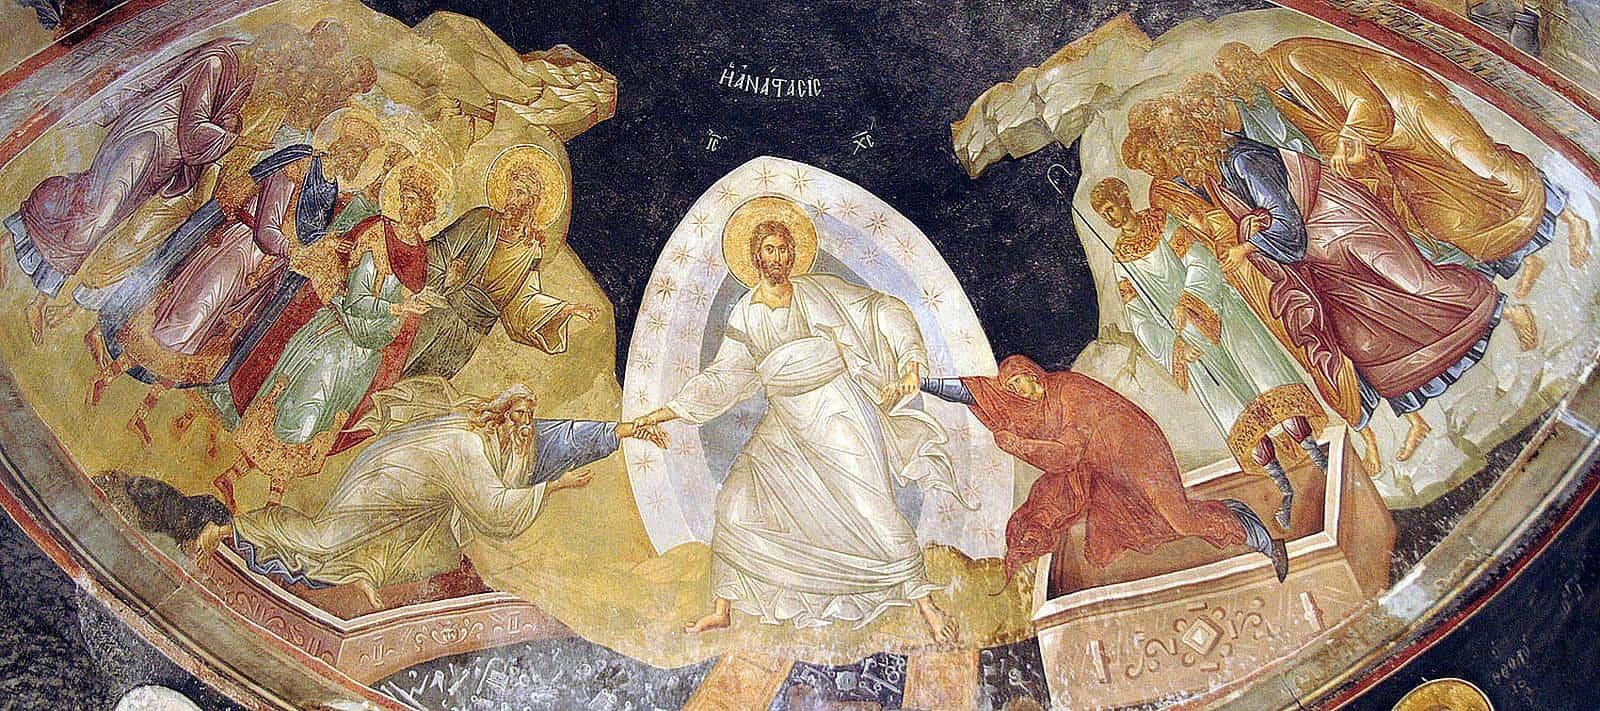 Правда ли, что все люди, которые умерли до рождения Христа, находятся в аду?